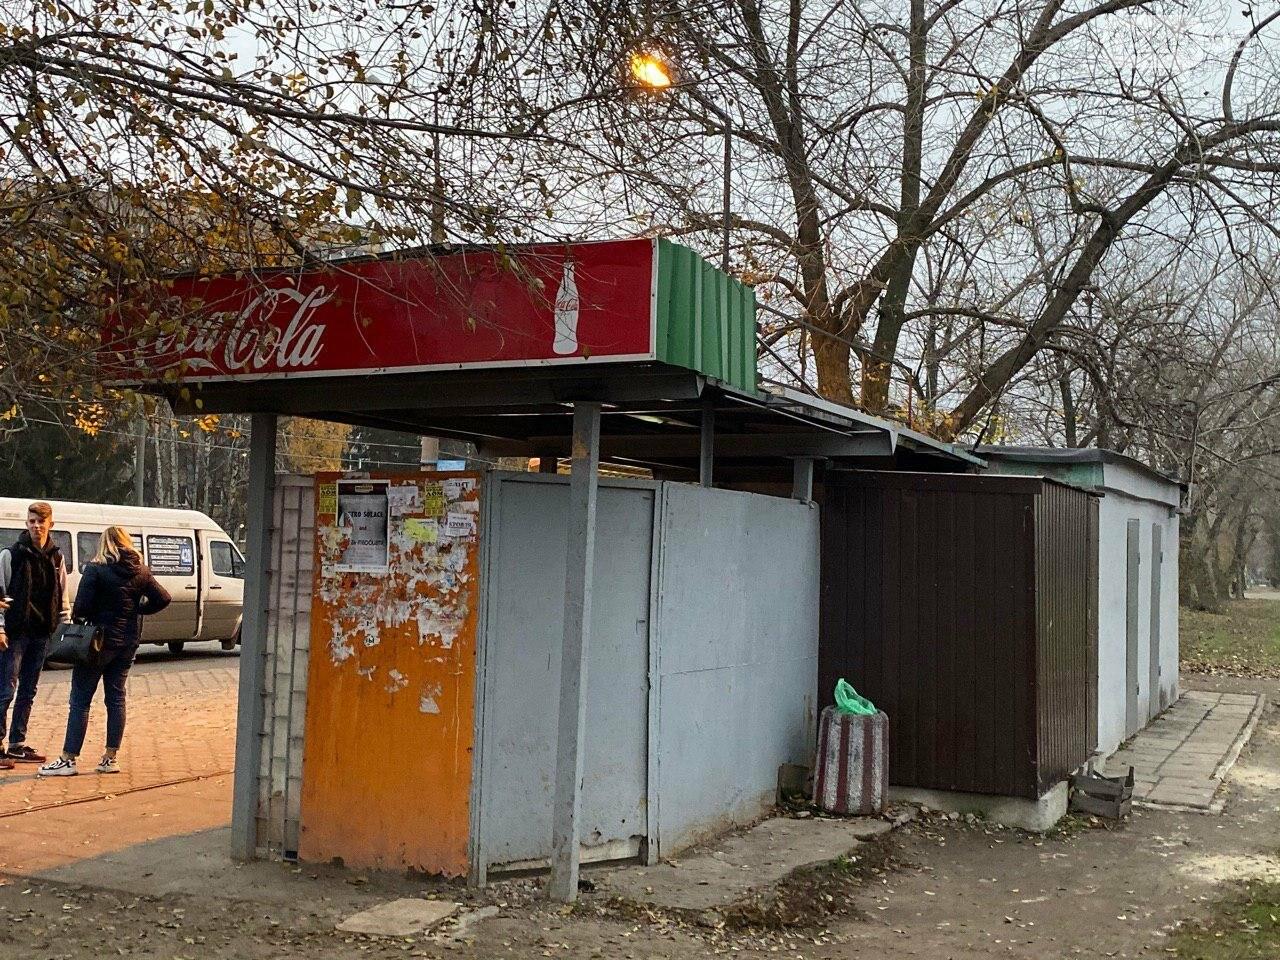 В Кривом Роге предприниматель помогла благоустроить остановку общественного транспорта, - ФОТО, фото-15